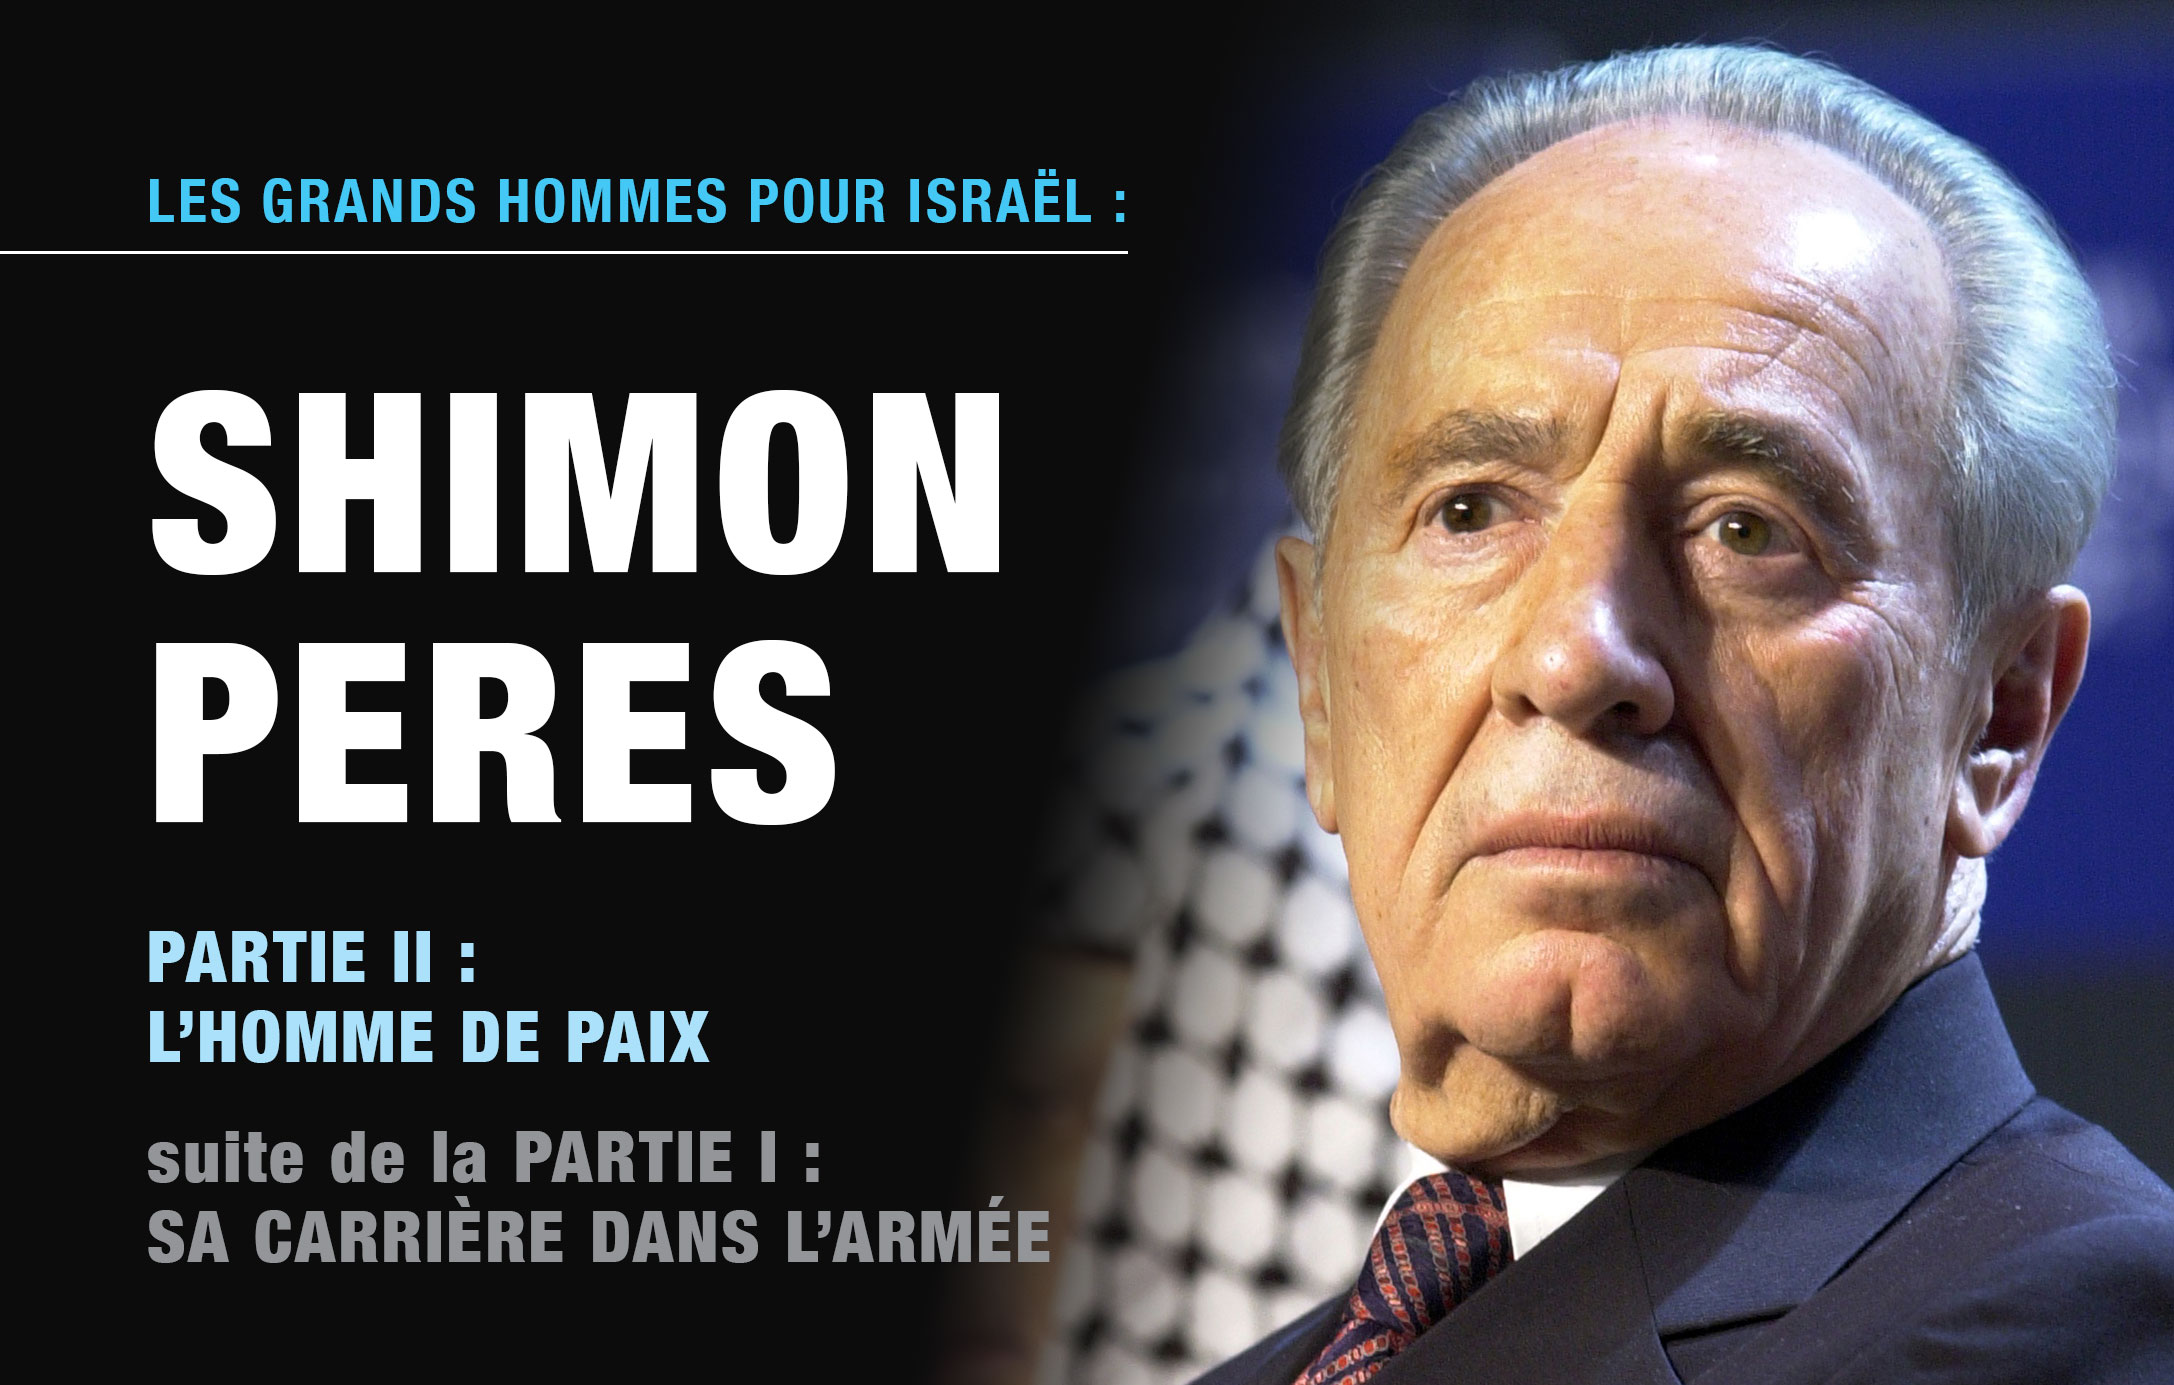 fiche_israel-shimon_peres-partie2-l_homme_de_paix